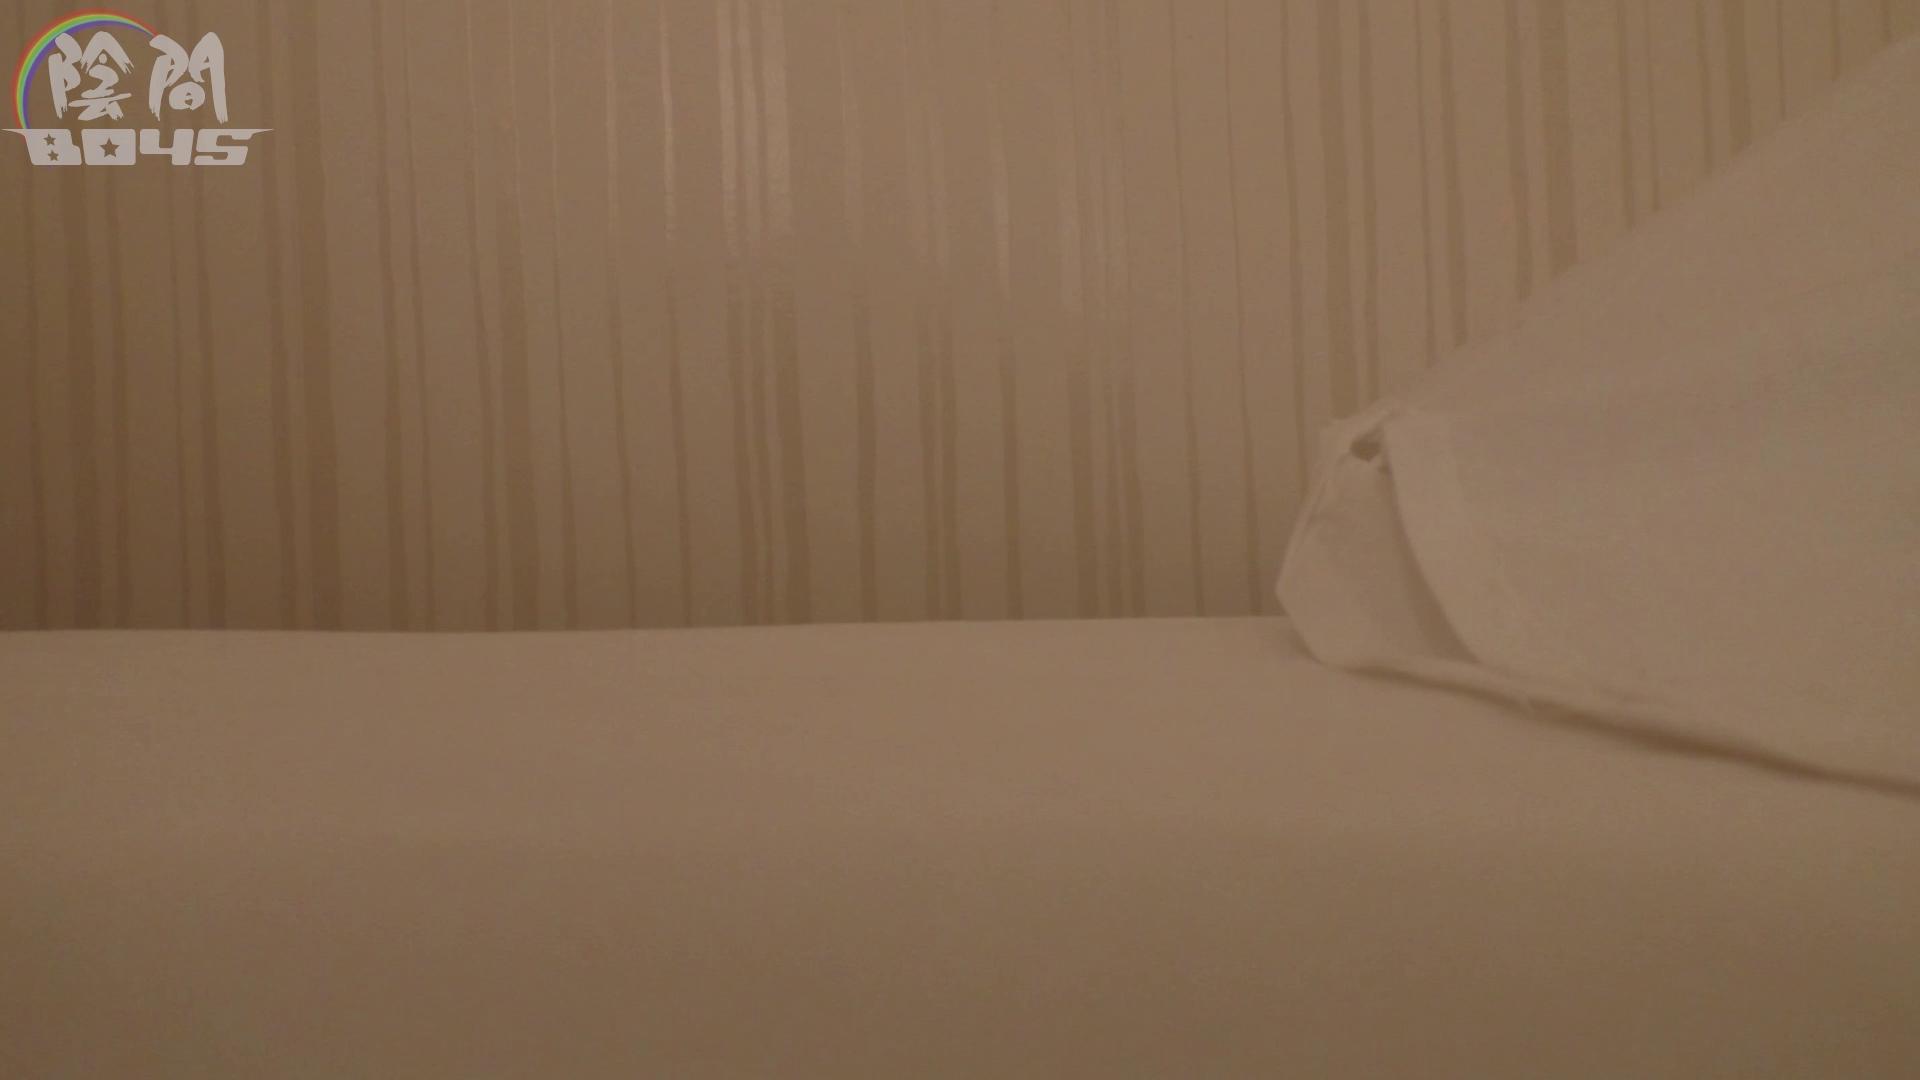 """キャバクラの仕事は""""アナル""""から1 Vol.04 HTDV ゲイアダルトビデオ画像 96pic 59"""